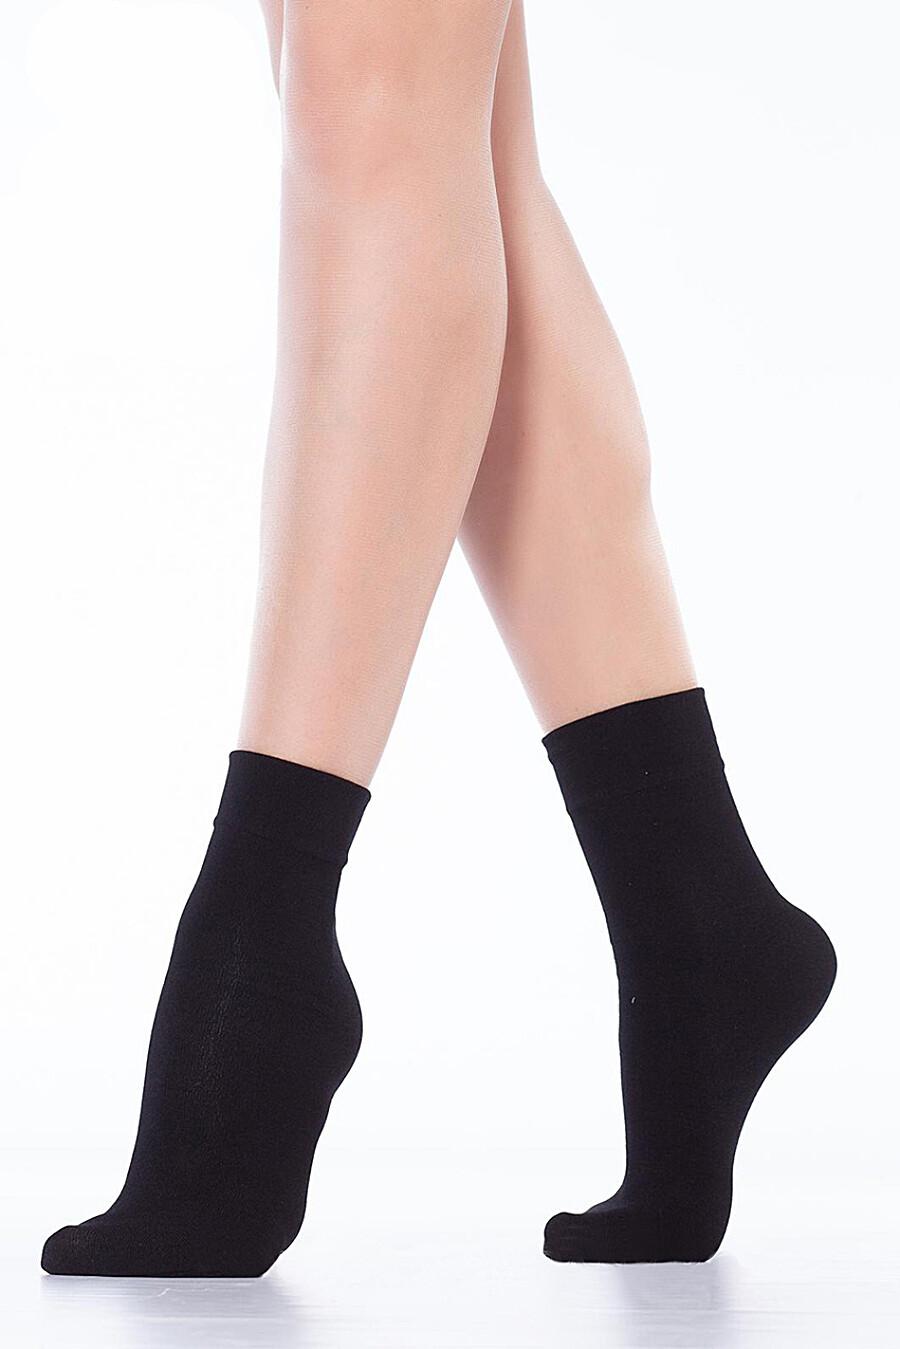 Носки для женщин MINIMI 272740 купить оптом от производителя. Совместная покупка женской одежды в OptMoyo